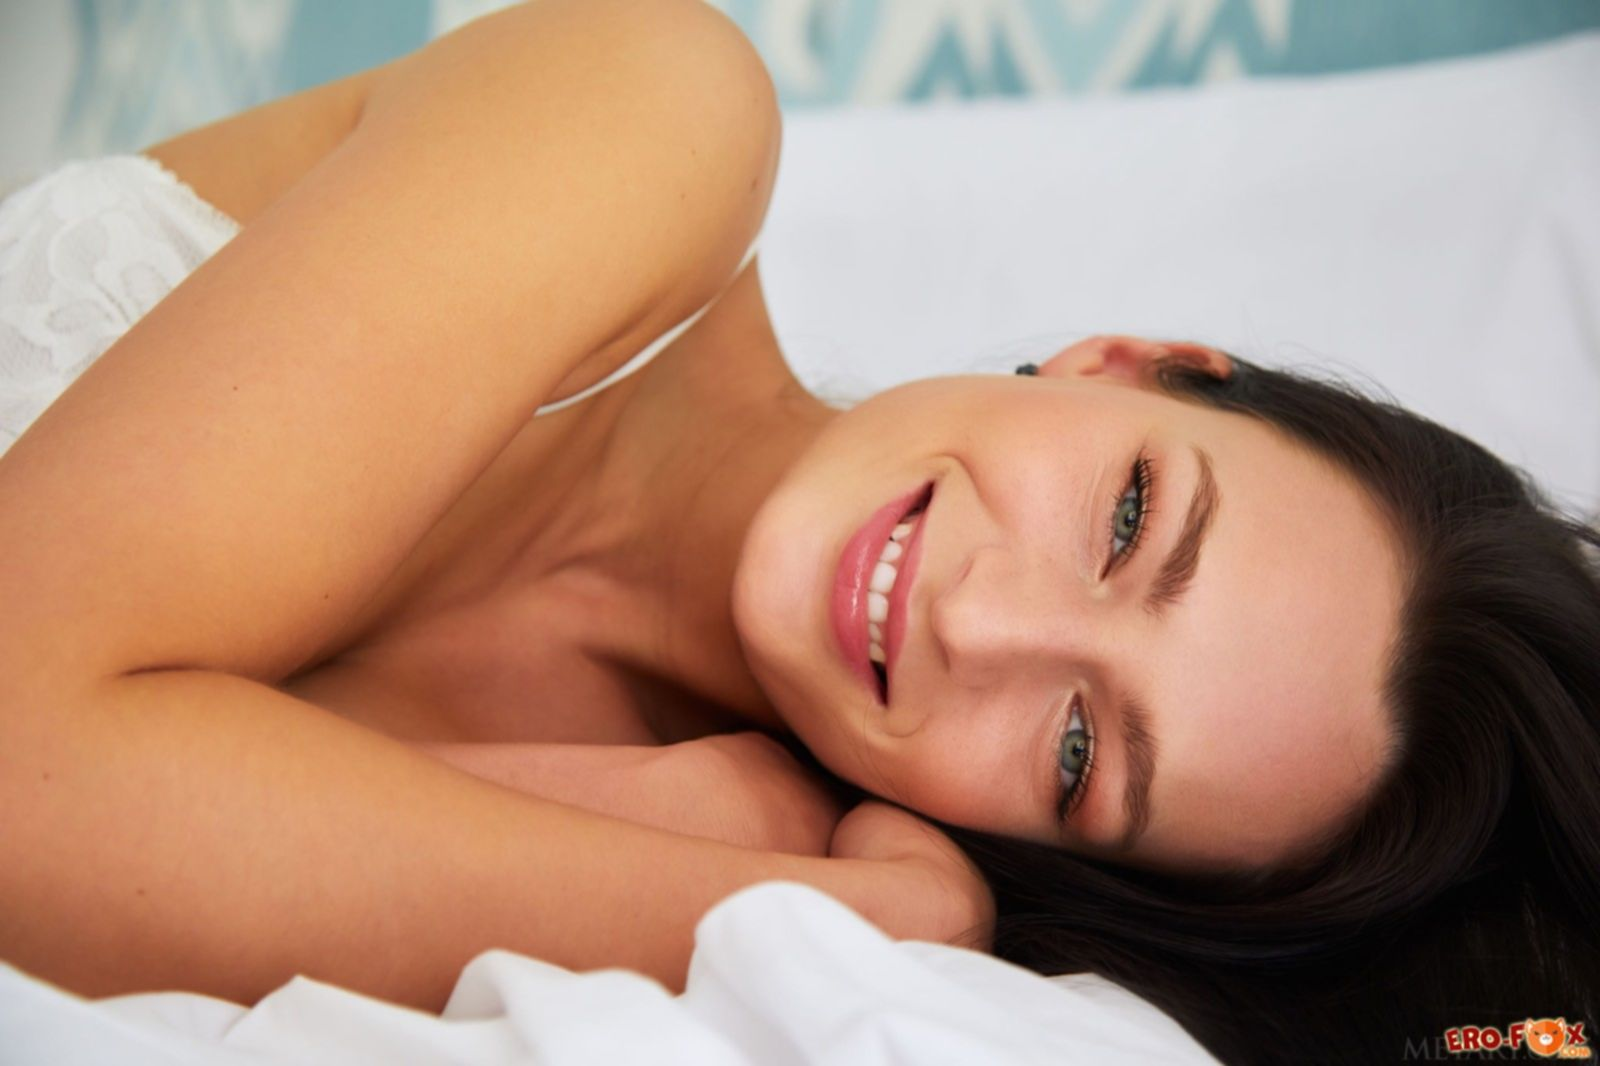 Голая девушка без трусов в постели - фото